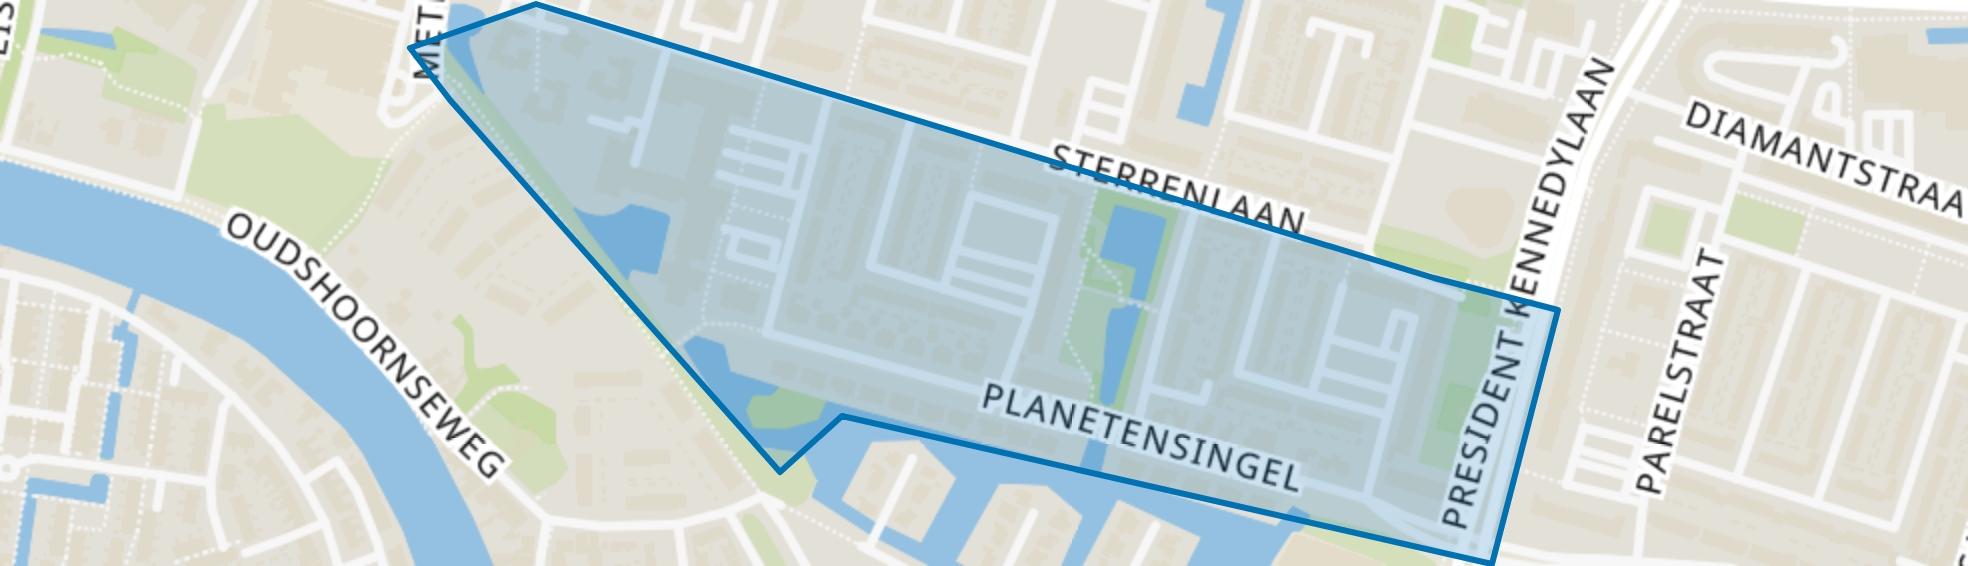 Planetenbuurt-Zuid, Alphen aan den Rijn map